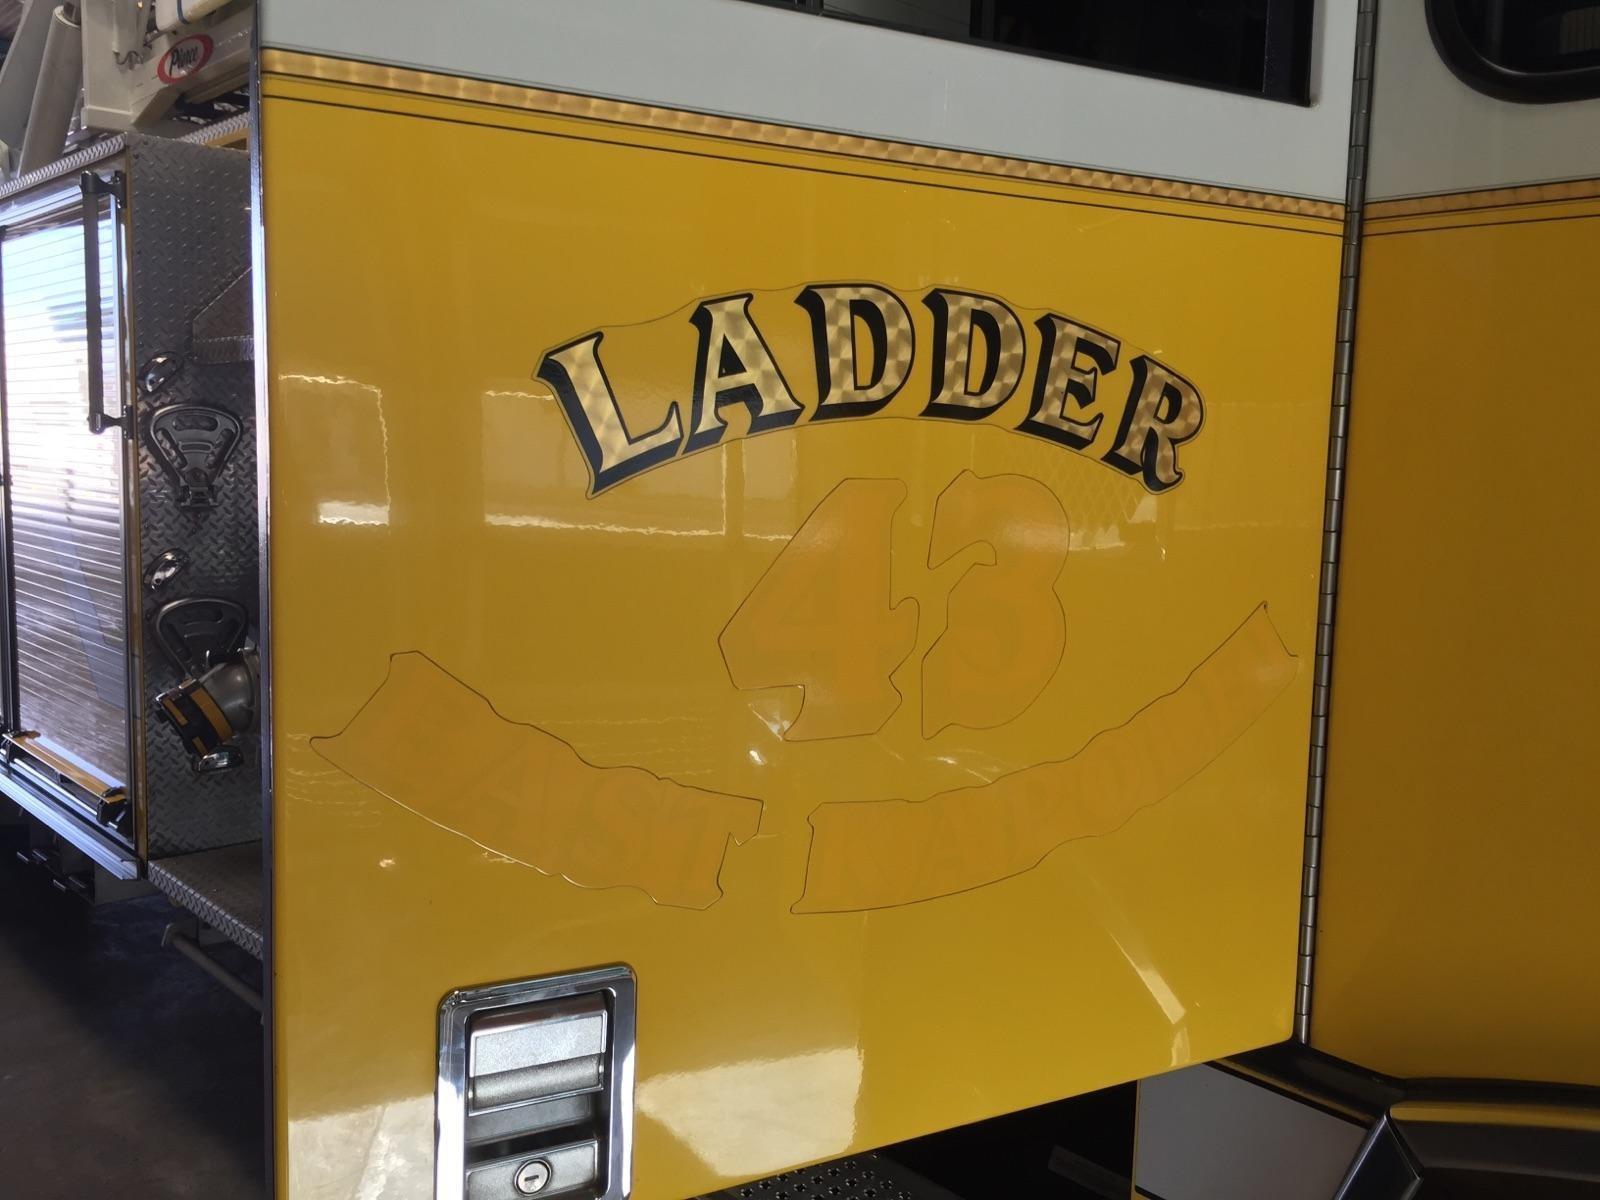 honolulu-fire-truck-ladder-43-label_180924